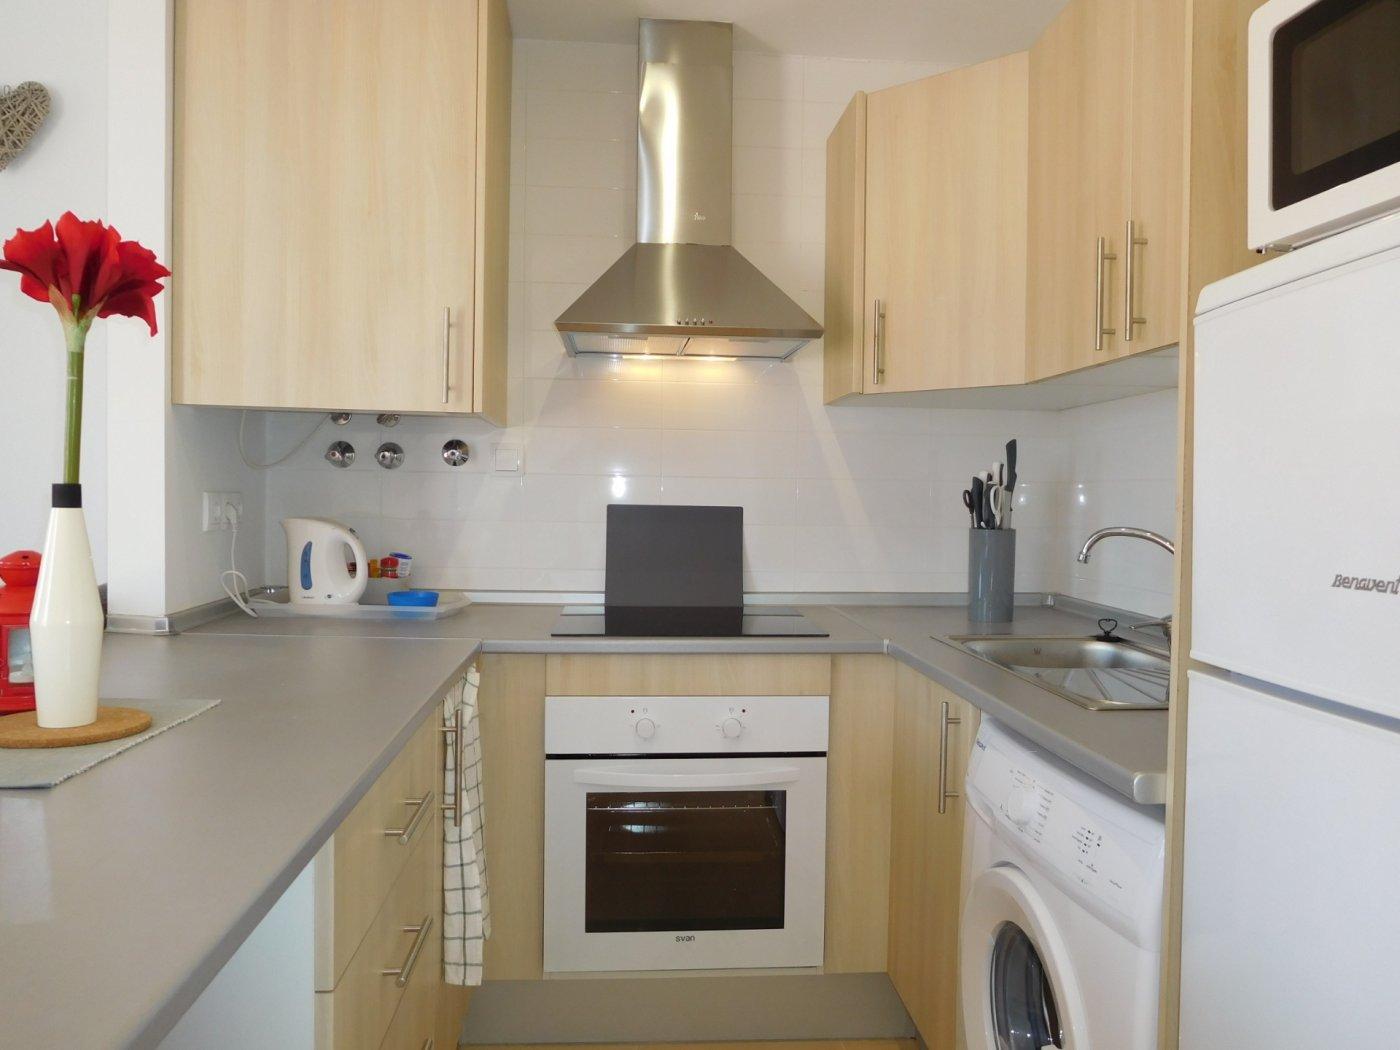 Image 8 Apartment ref 3265-03302 for rent in Condado De Alhama Spain - Quality Homes Costa Cálida